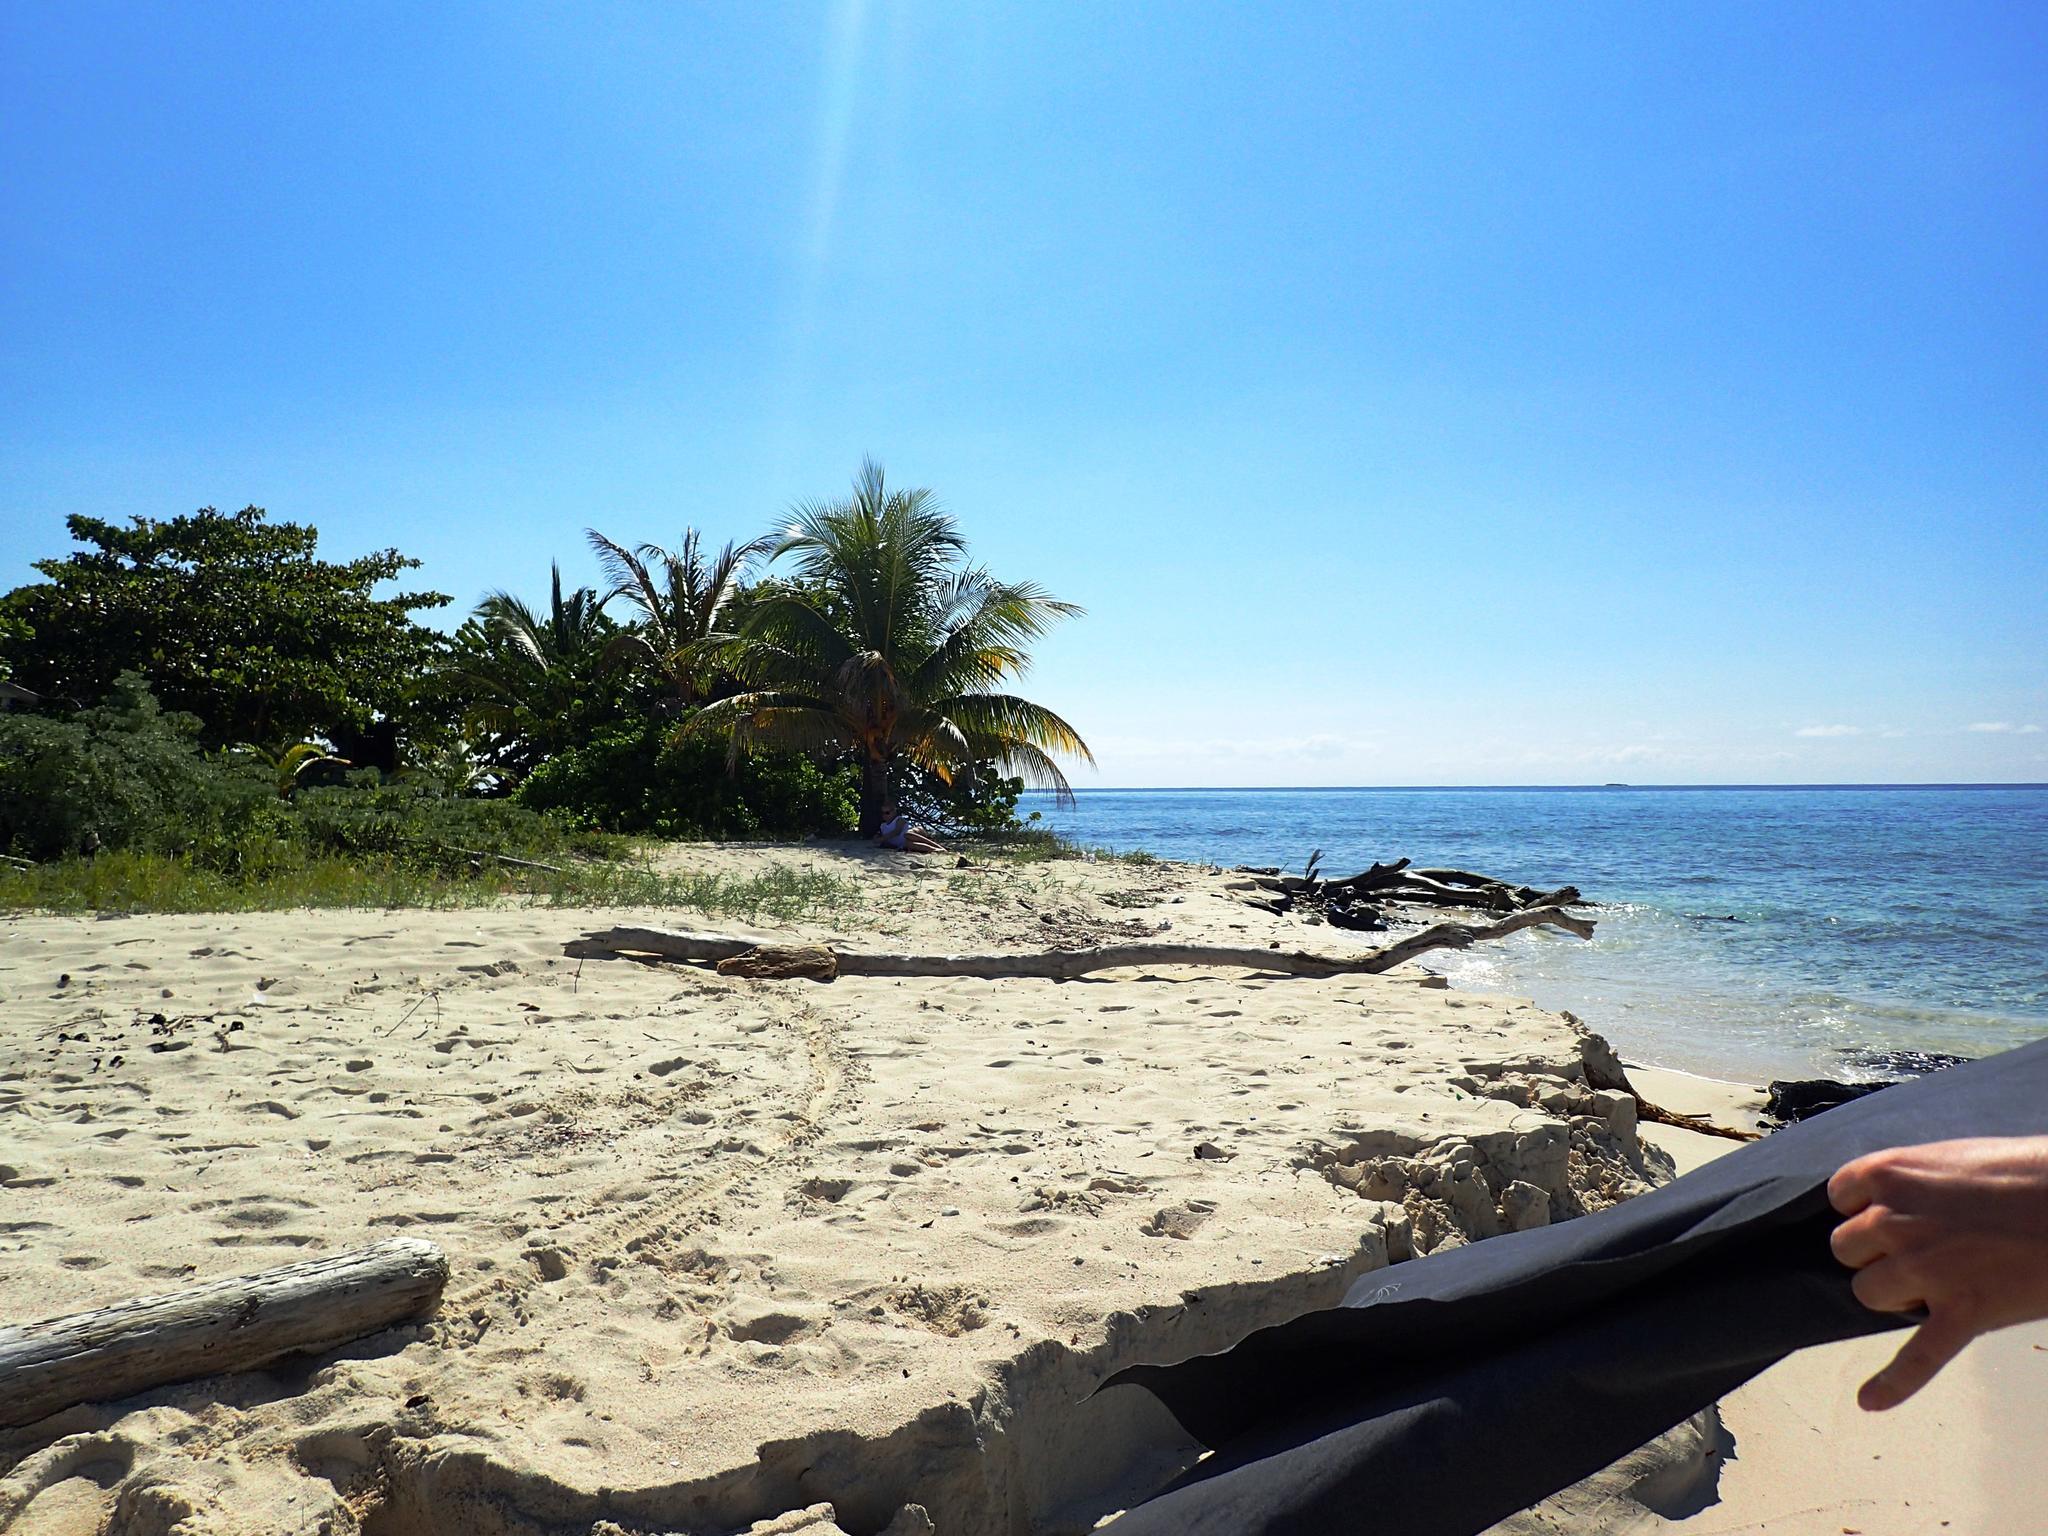 Das Sporthantuch kräftig schütteln under Sand bleibt am Strand